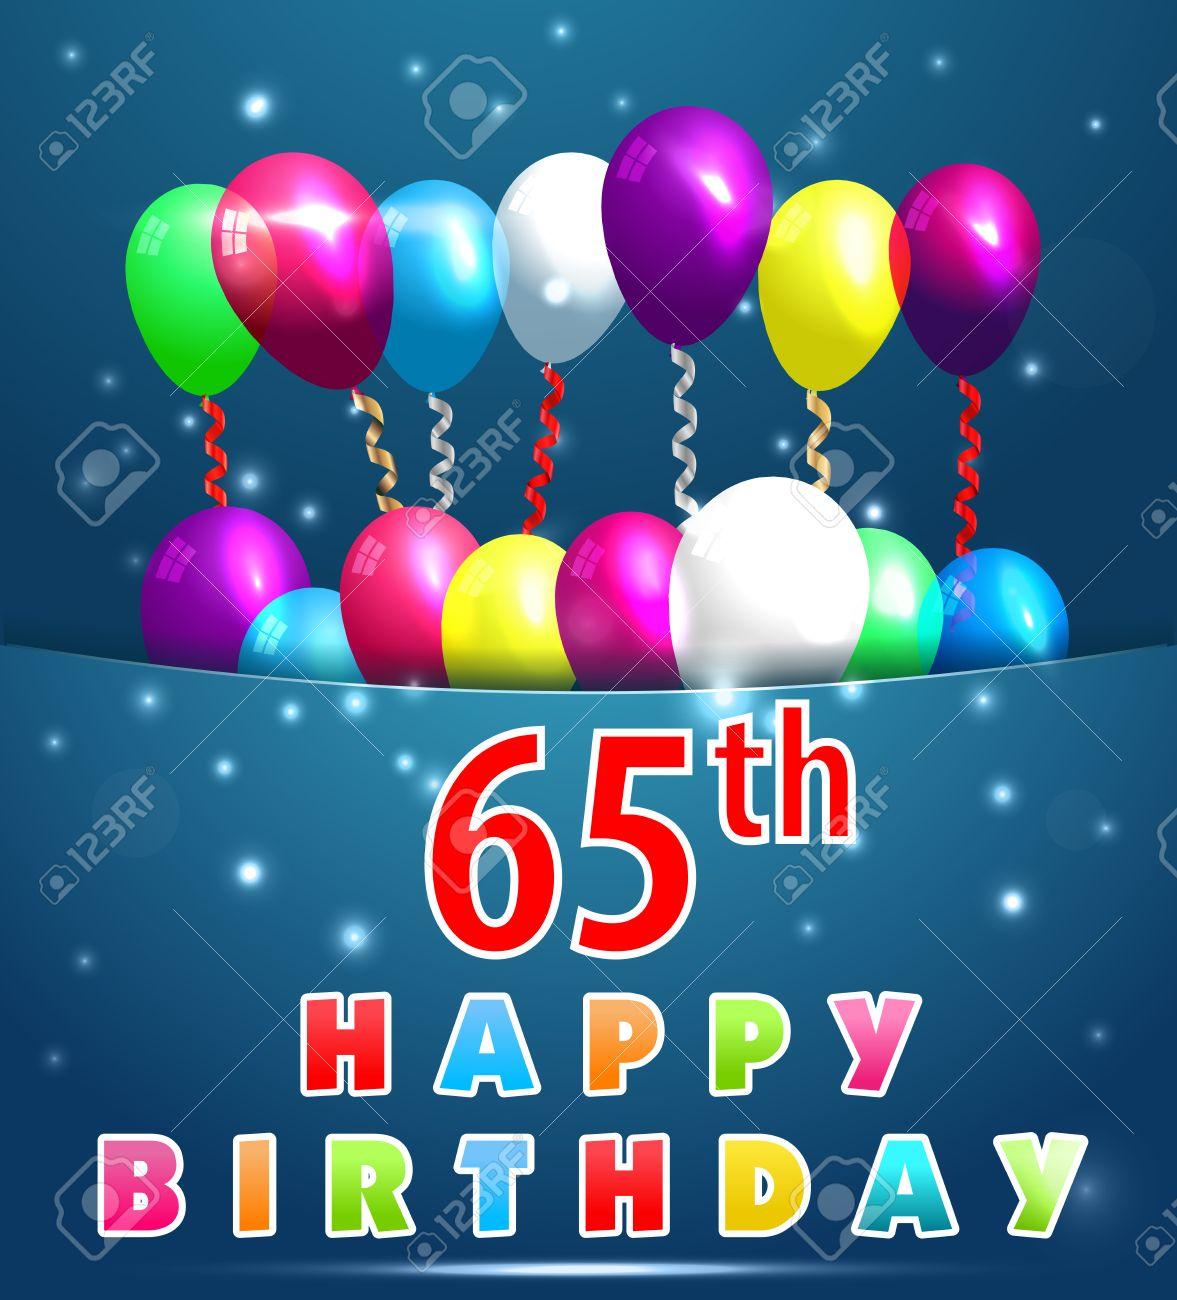 Auguri Di Buon Compleanno 65 Anni.65 Anni Scheda Di Buon Compleanno Con Palloncini E Nastri 65 Compleanno